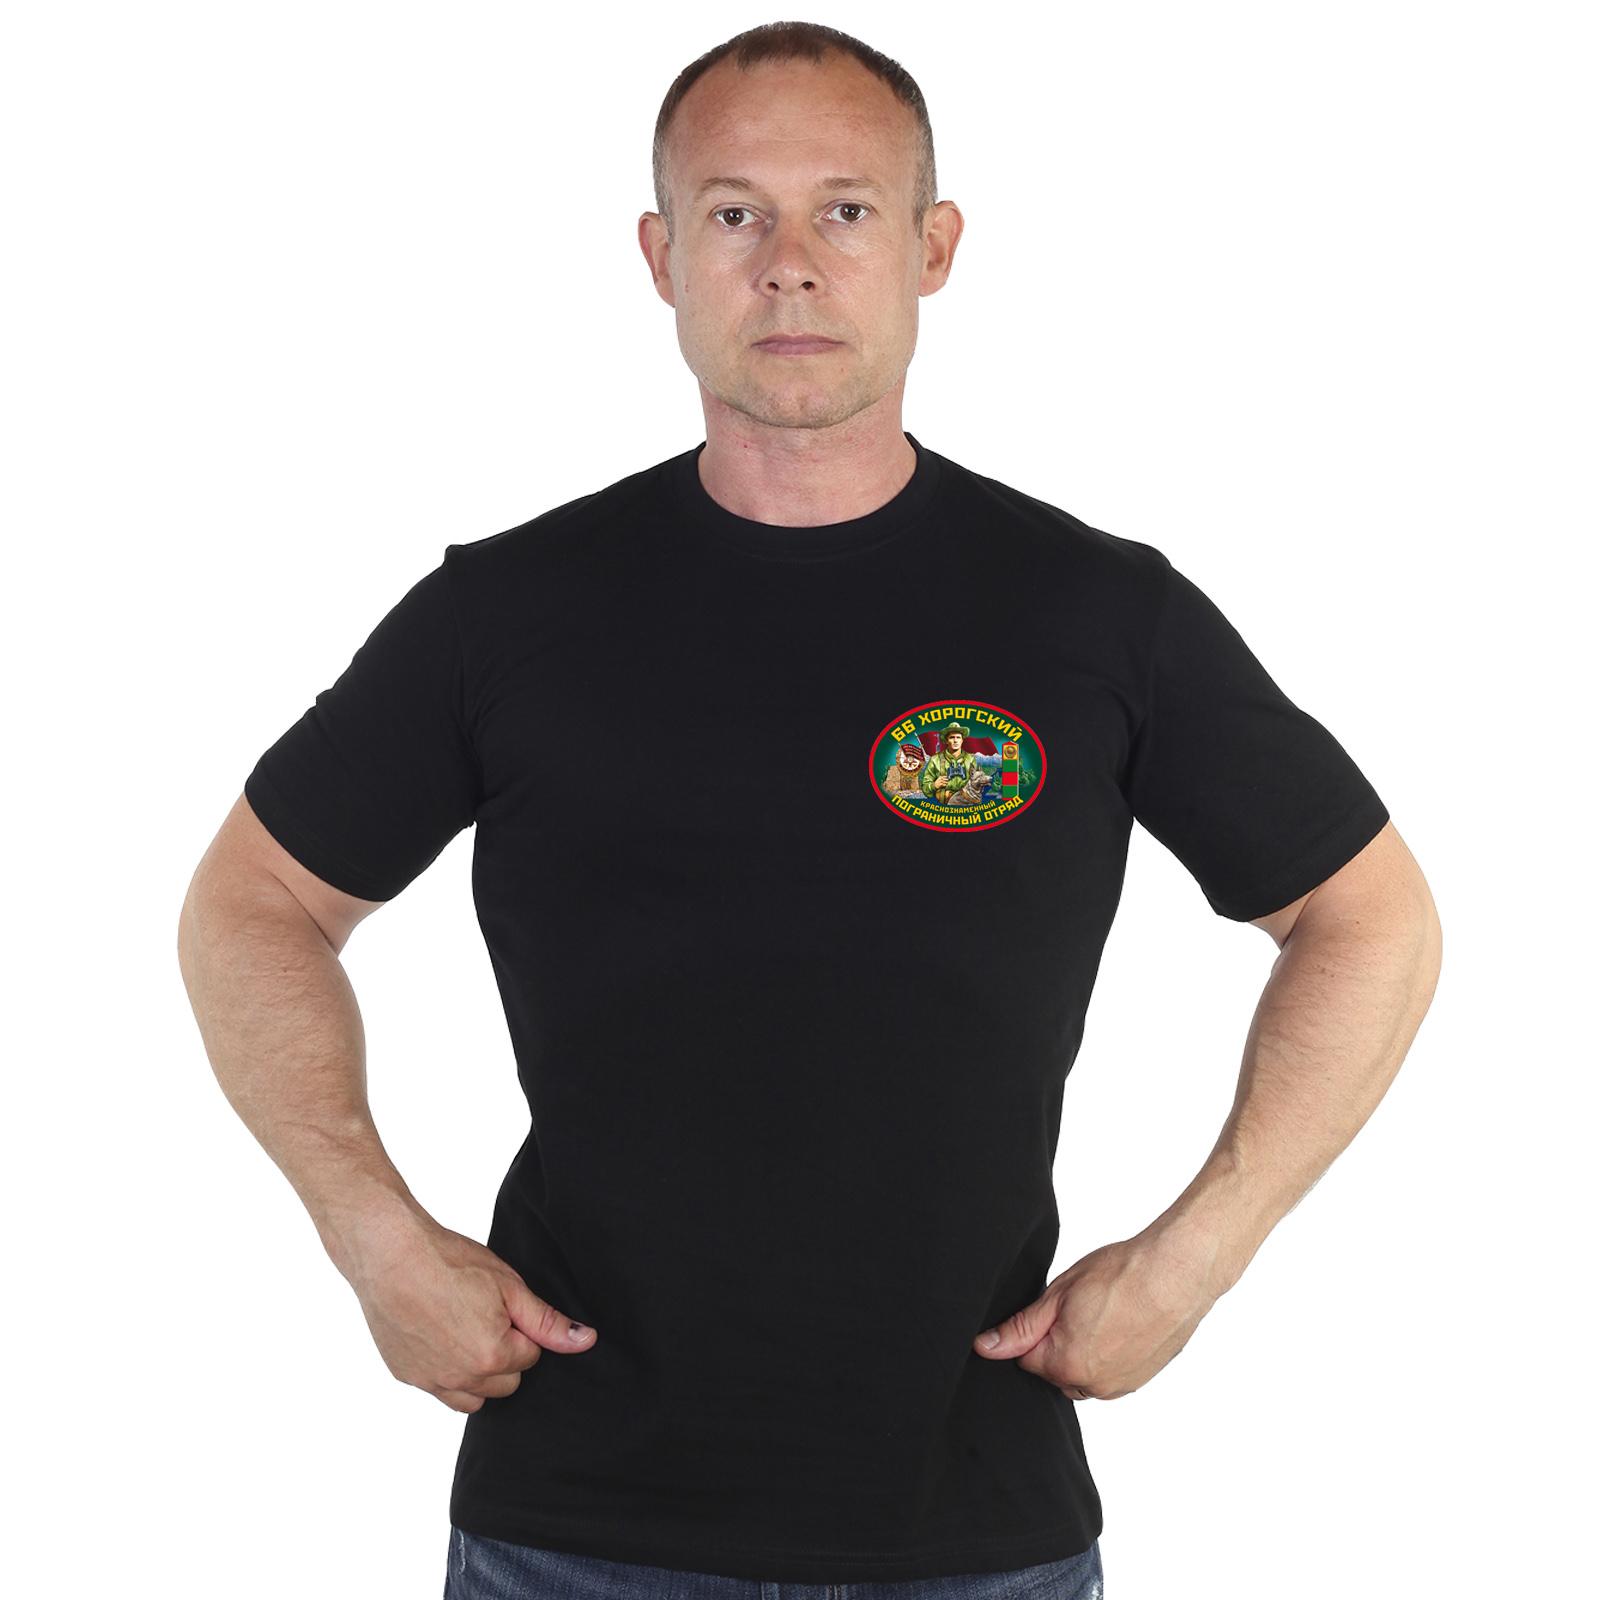 Купить футболку 66-ой Хорогский пограничный отряд